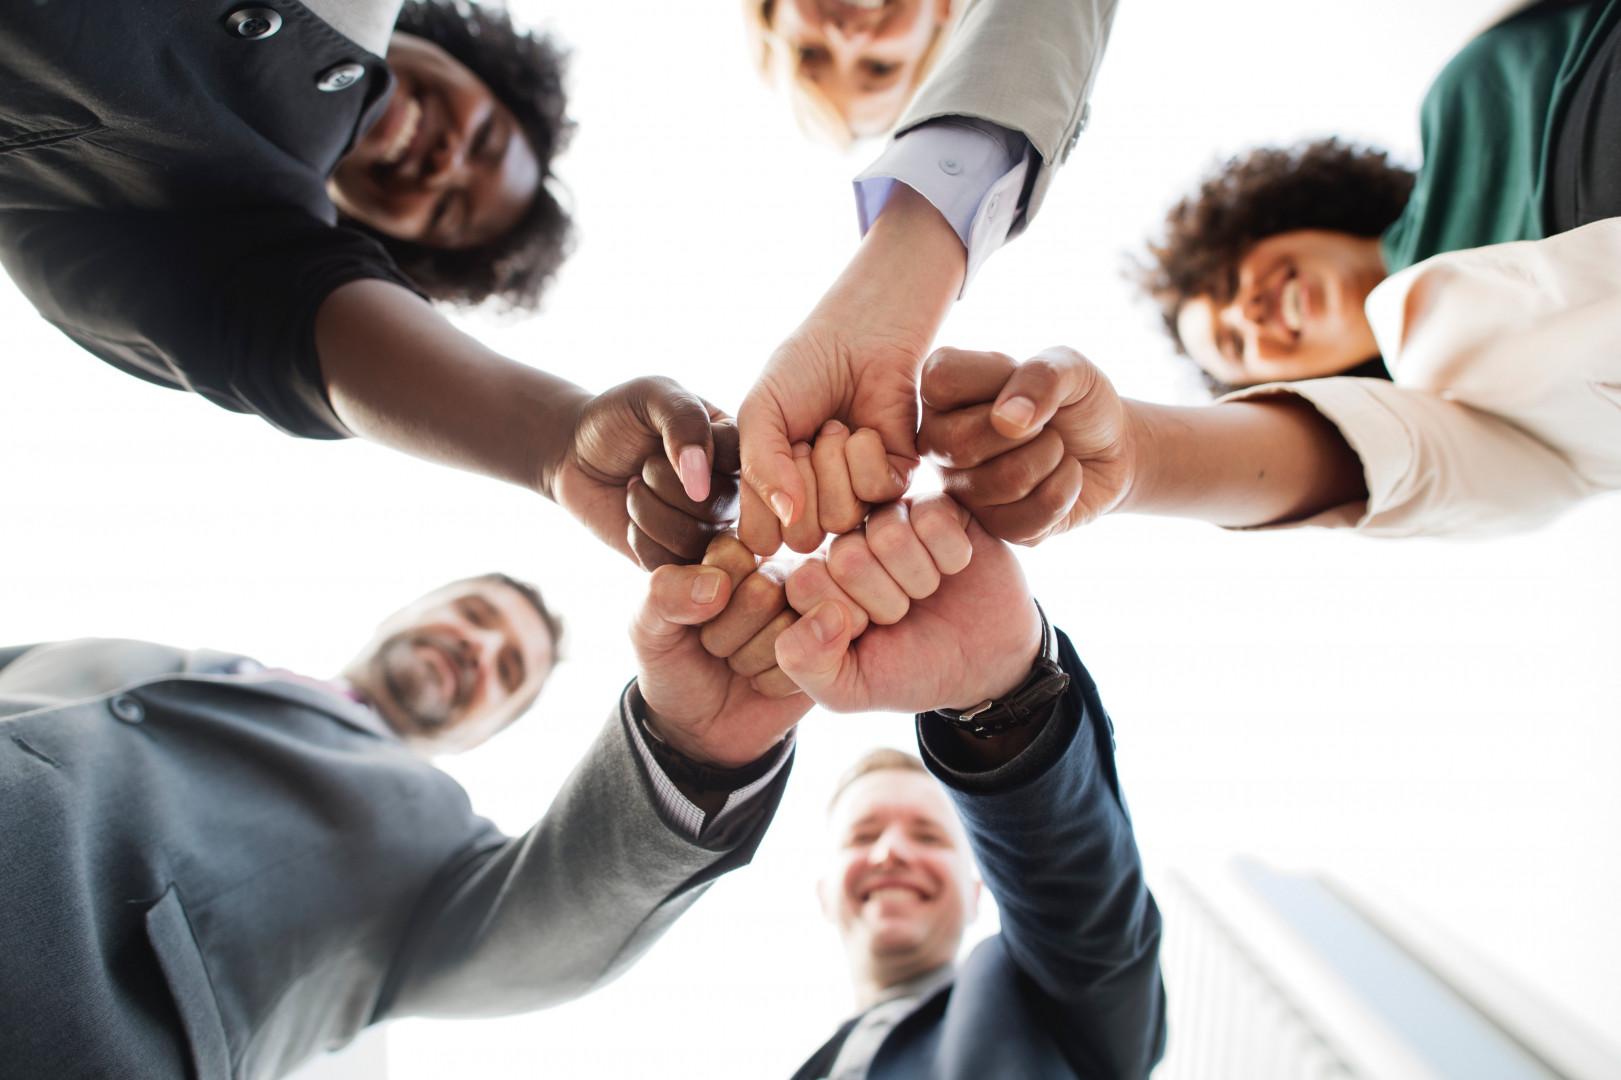 Corporate or Individual Sponsorship